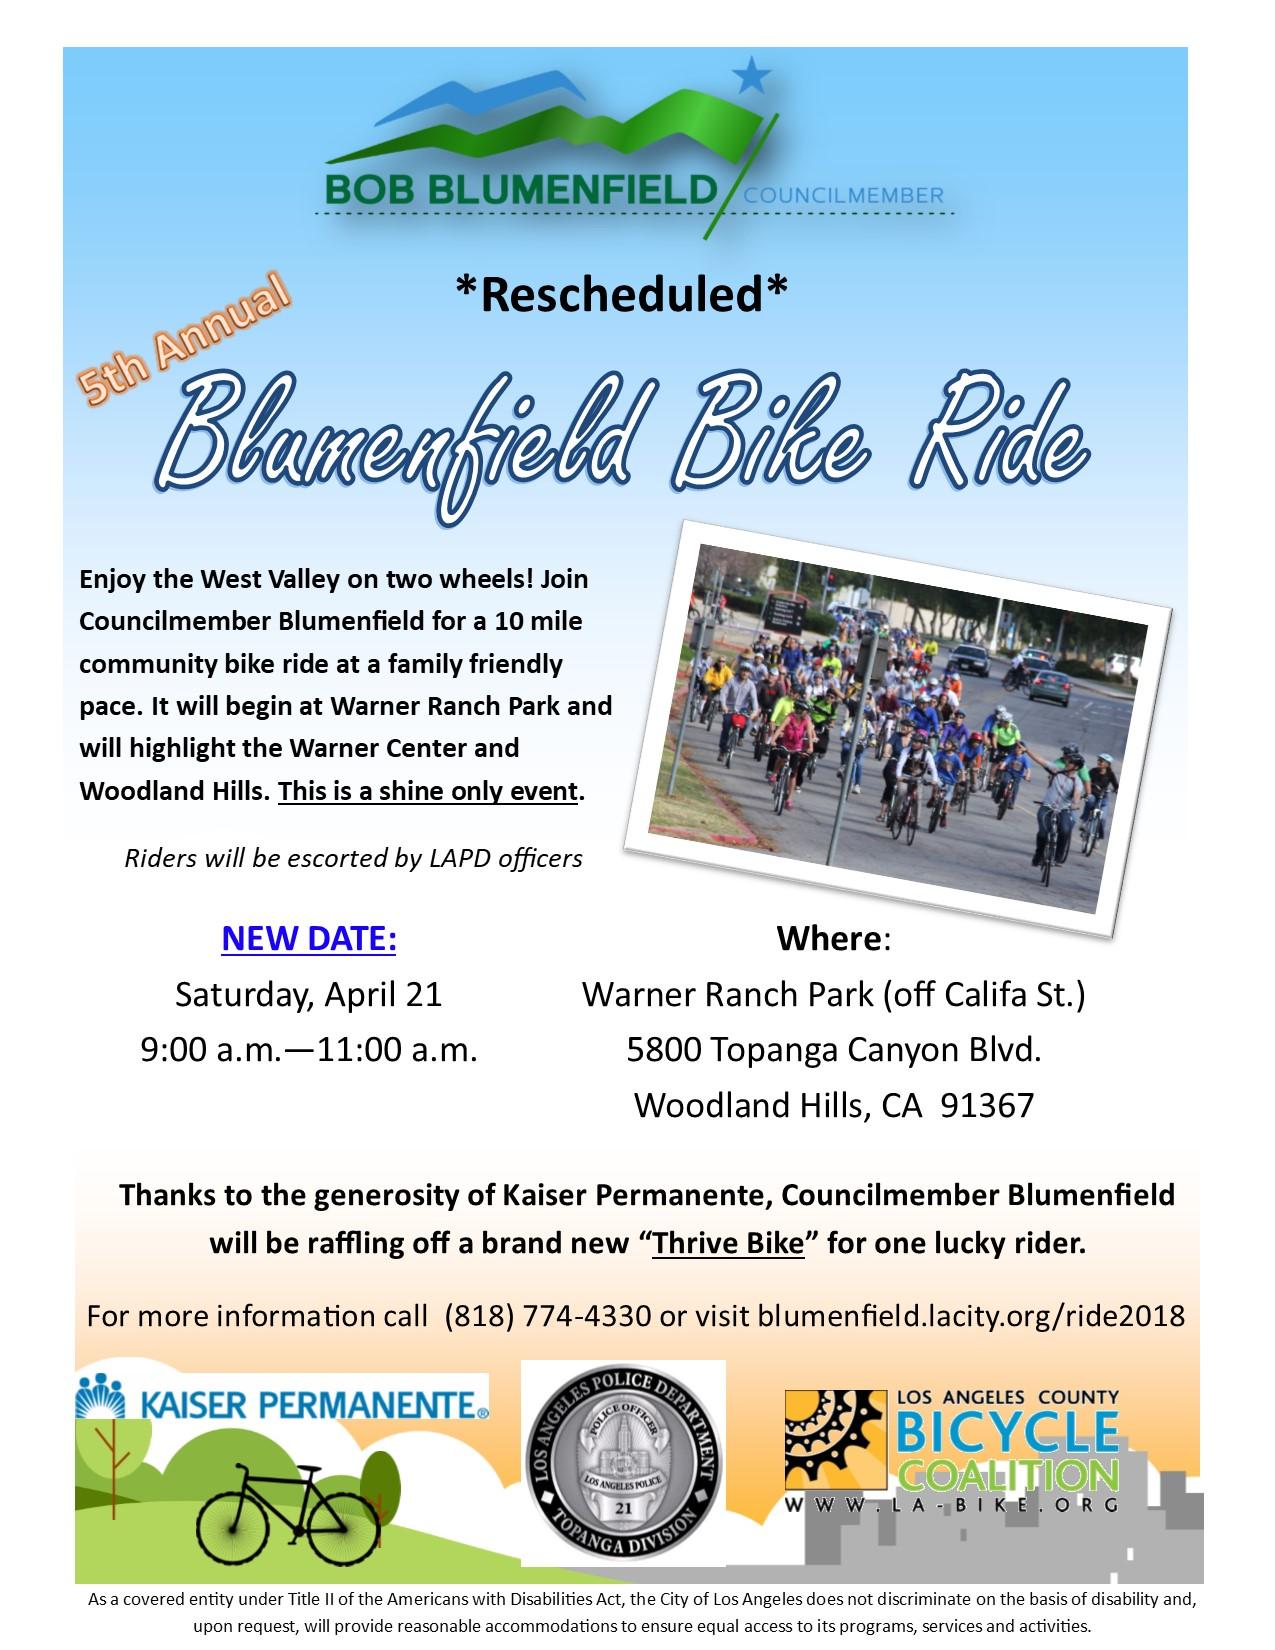 Blumenfield_Bike_Ride_Flyer_3.3.18_final.jpg